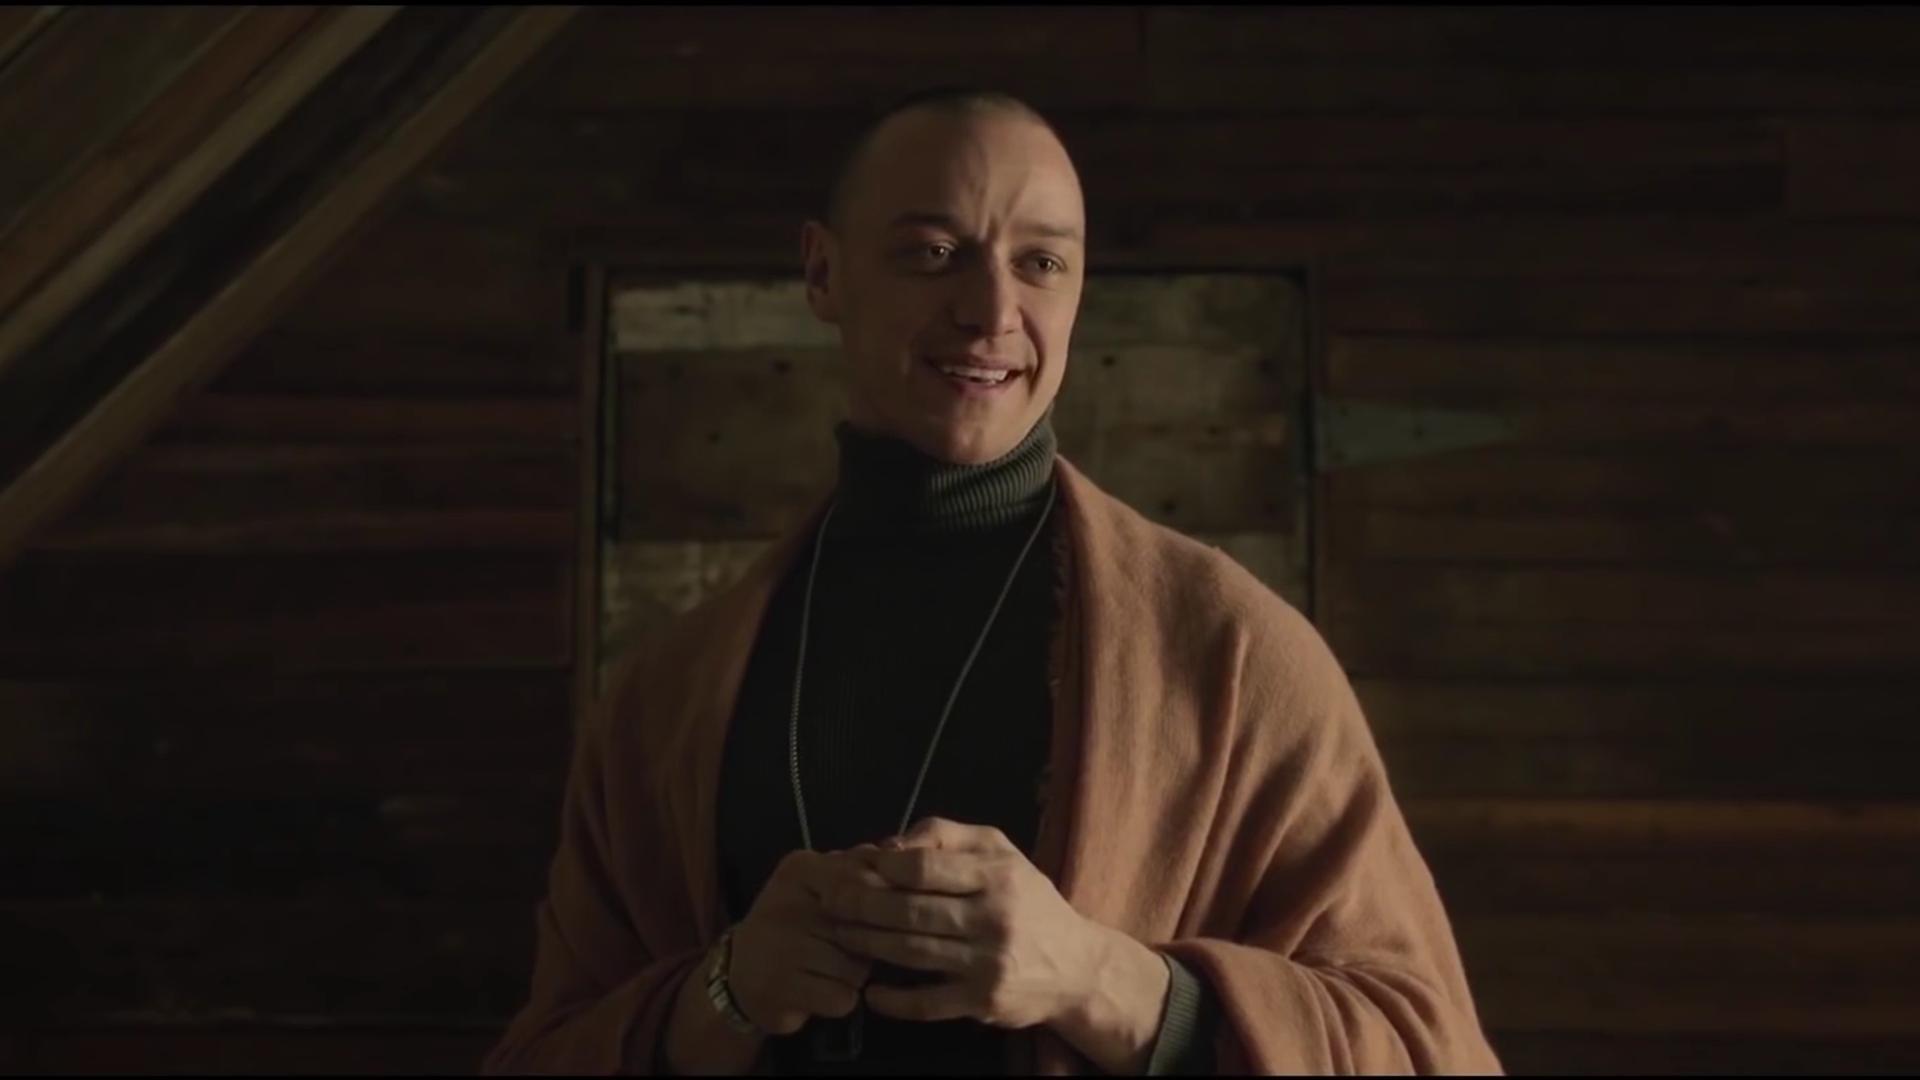 Box Office: 'Split' Wins Quiet Third Weekend vs 'Rings'